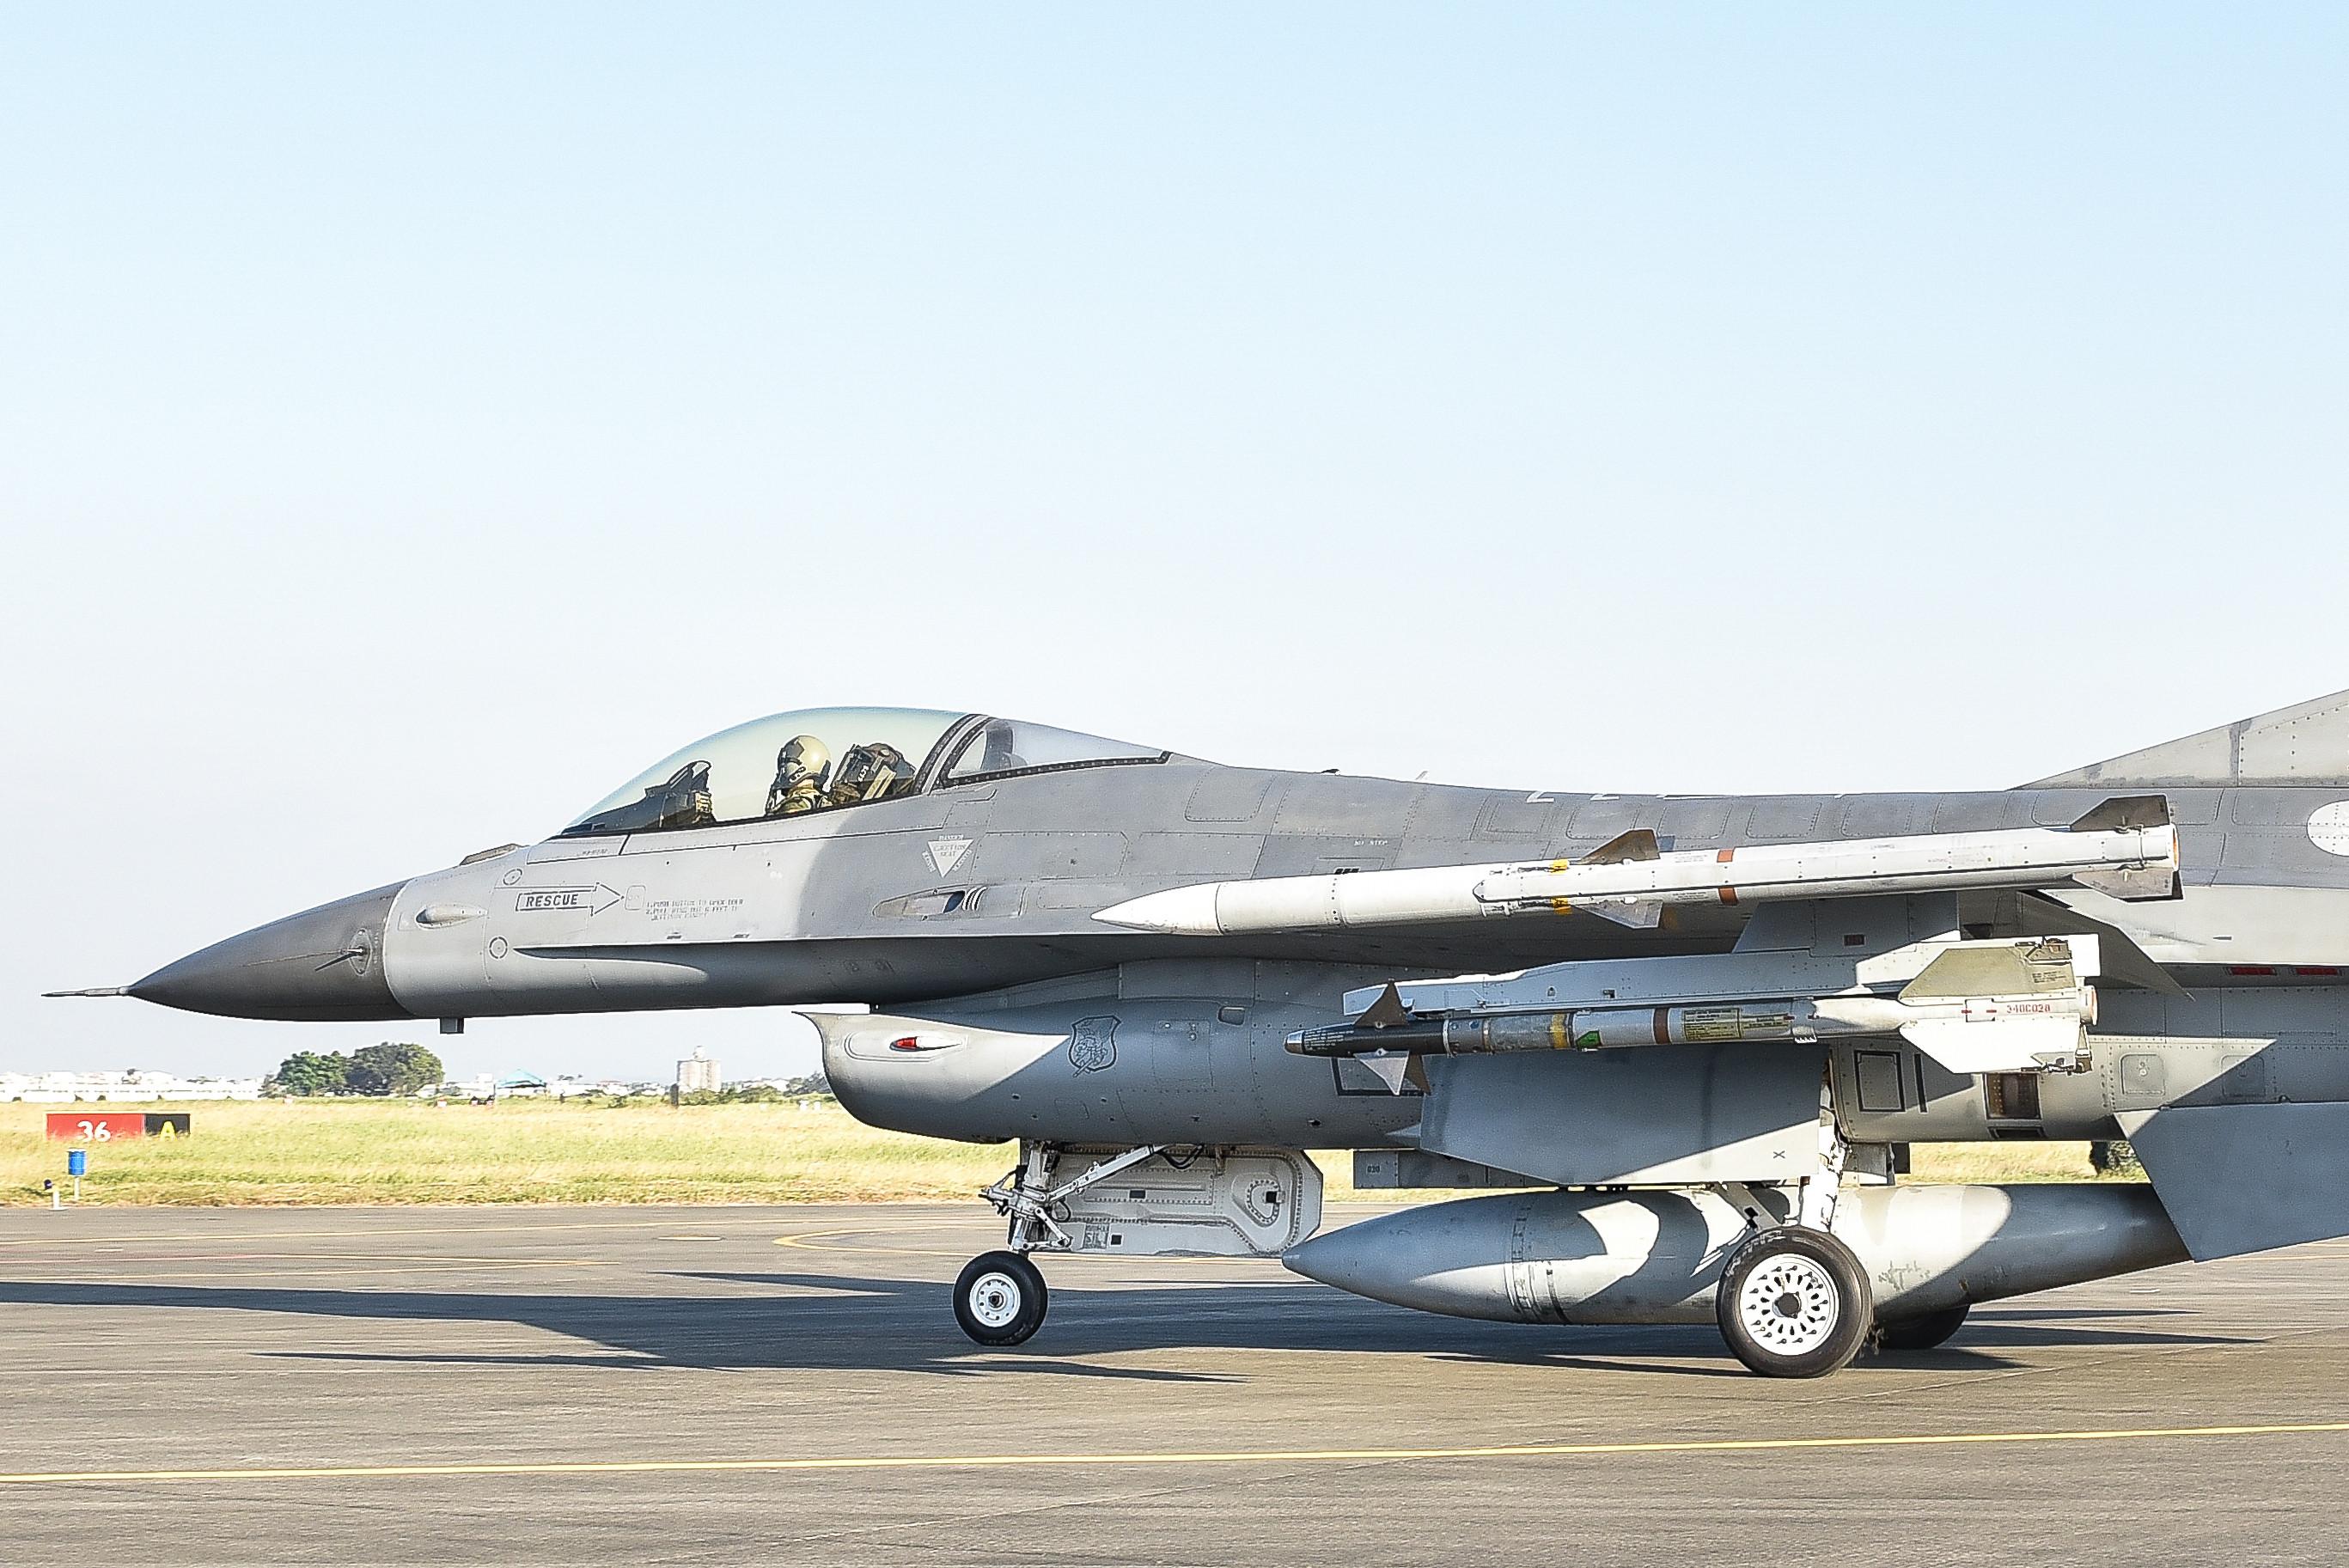 雷達,電磁,中科院,劍翔無人機,AGM-88,F-16,共軍